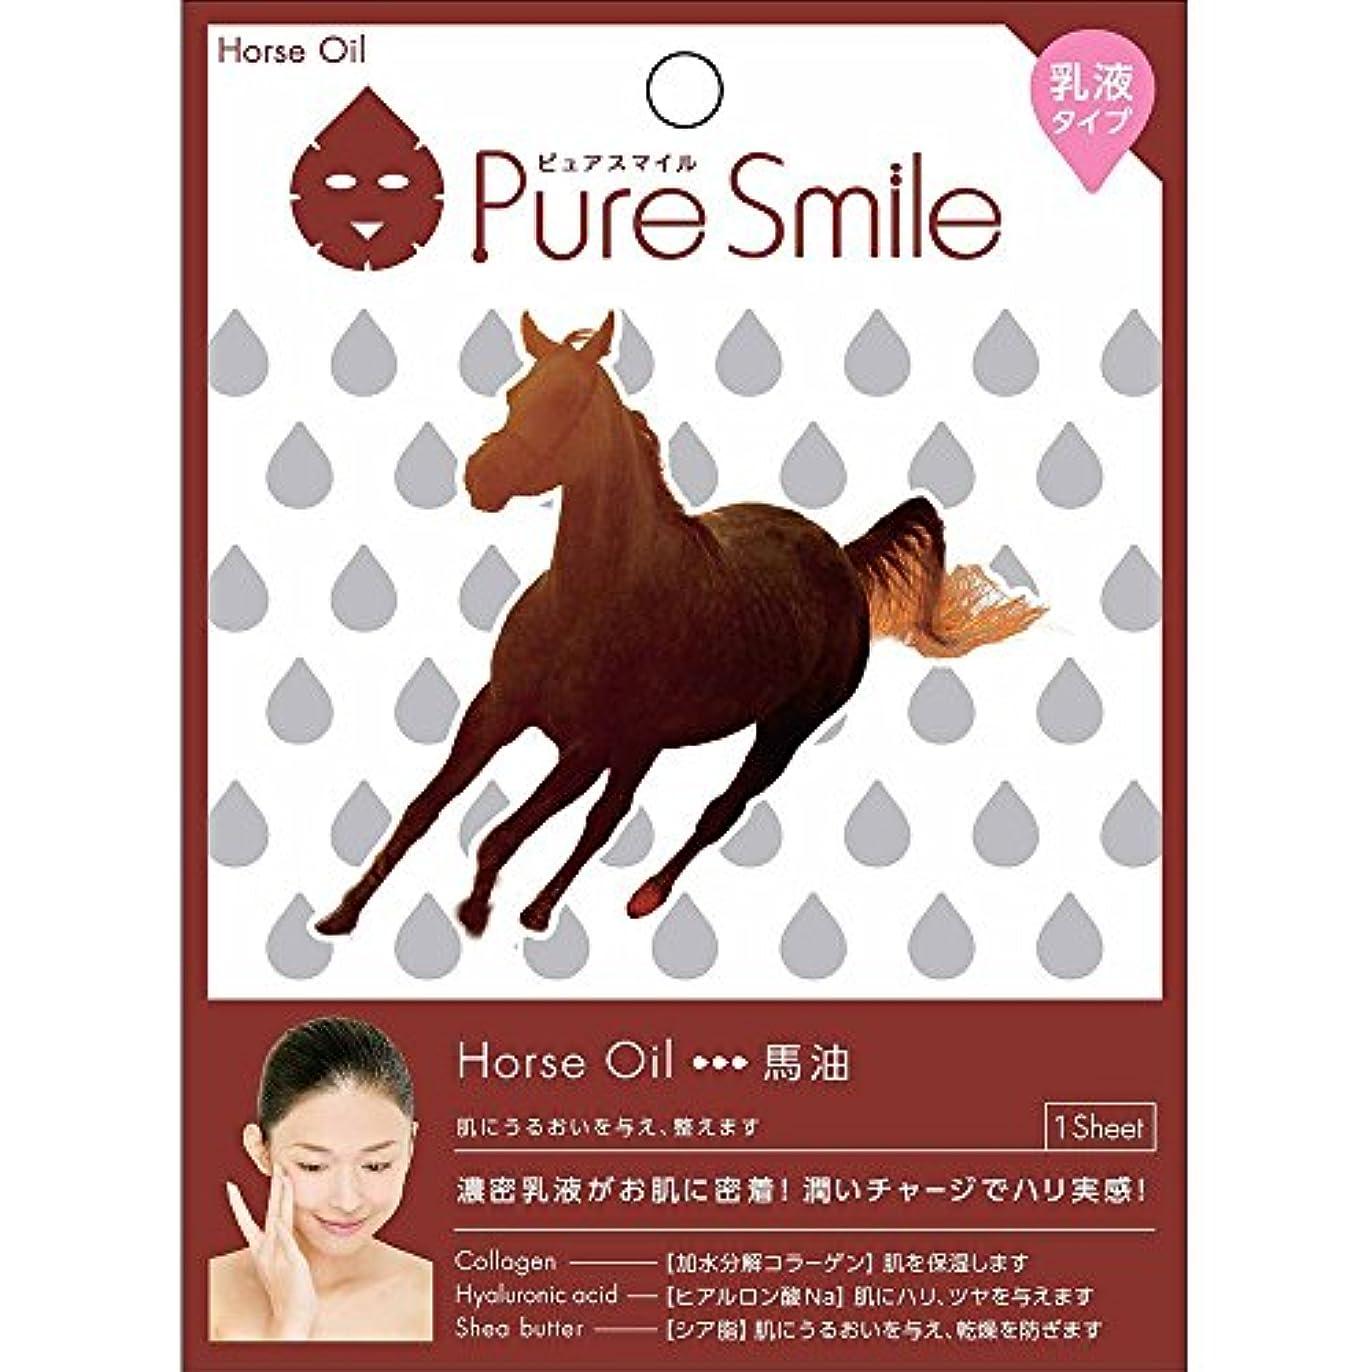 タップ恥ずかしさパイプラインPure Smile/ピュアスマイル 乳液 エッセンス/フェイスマスク 『Horse oil/馬油』